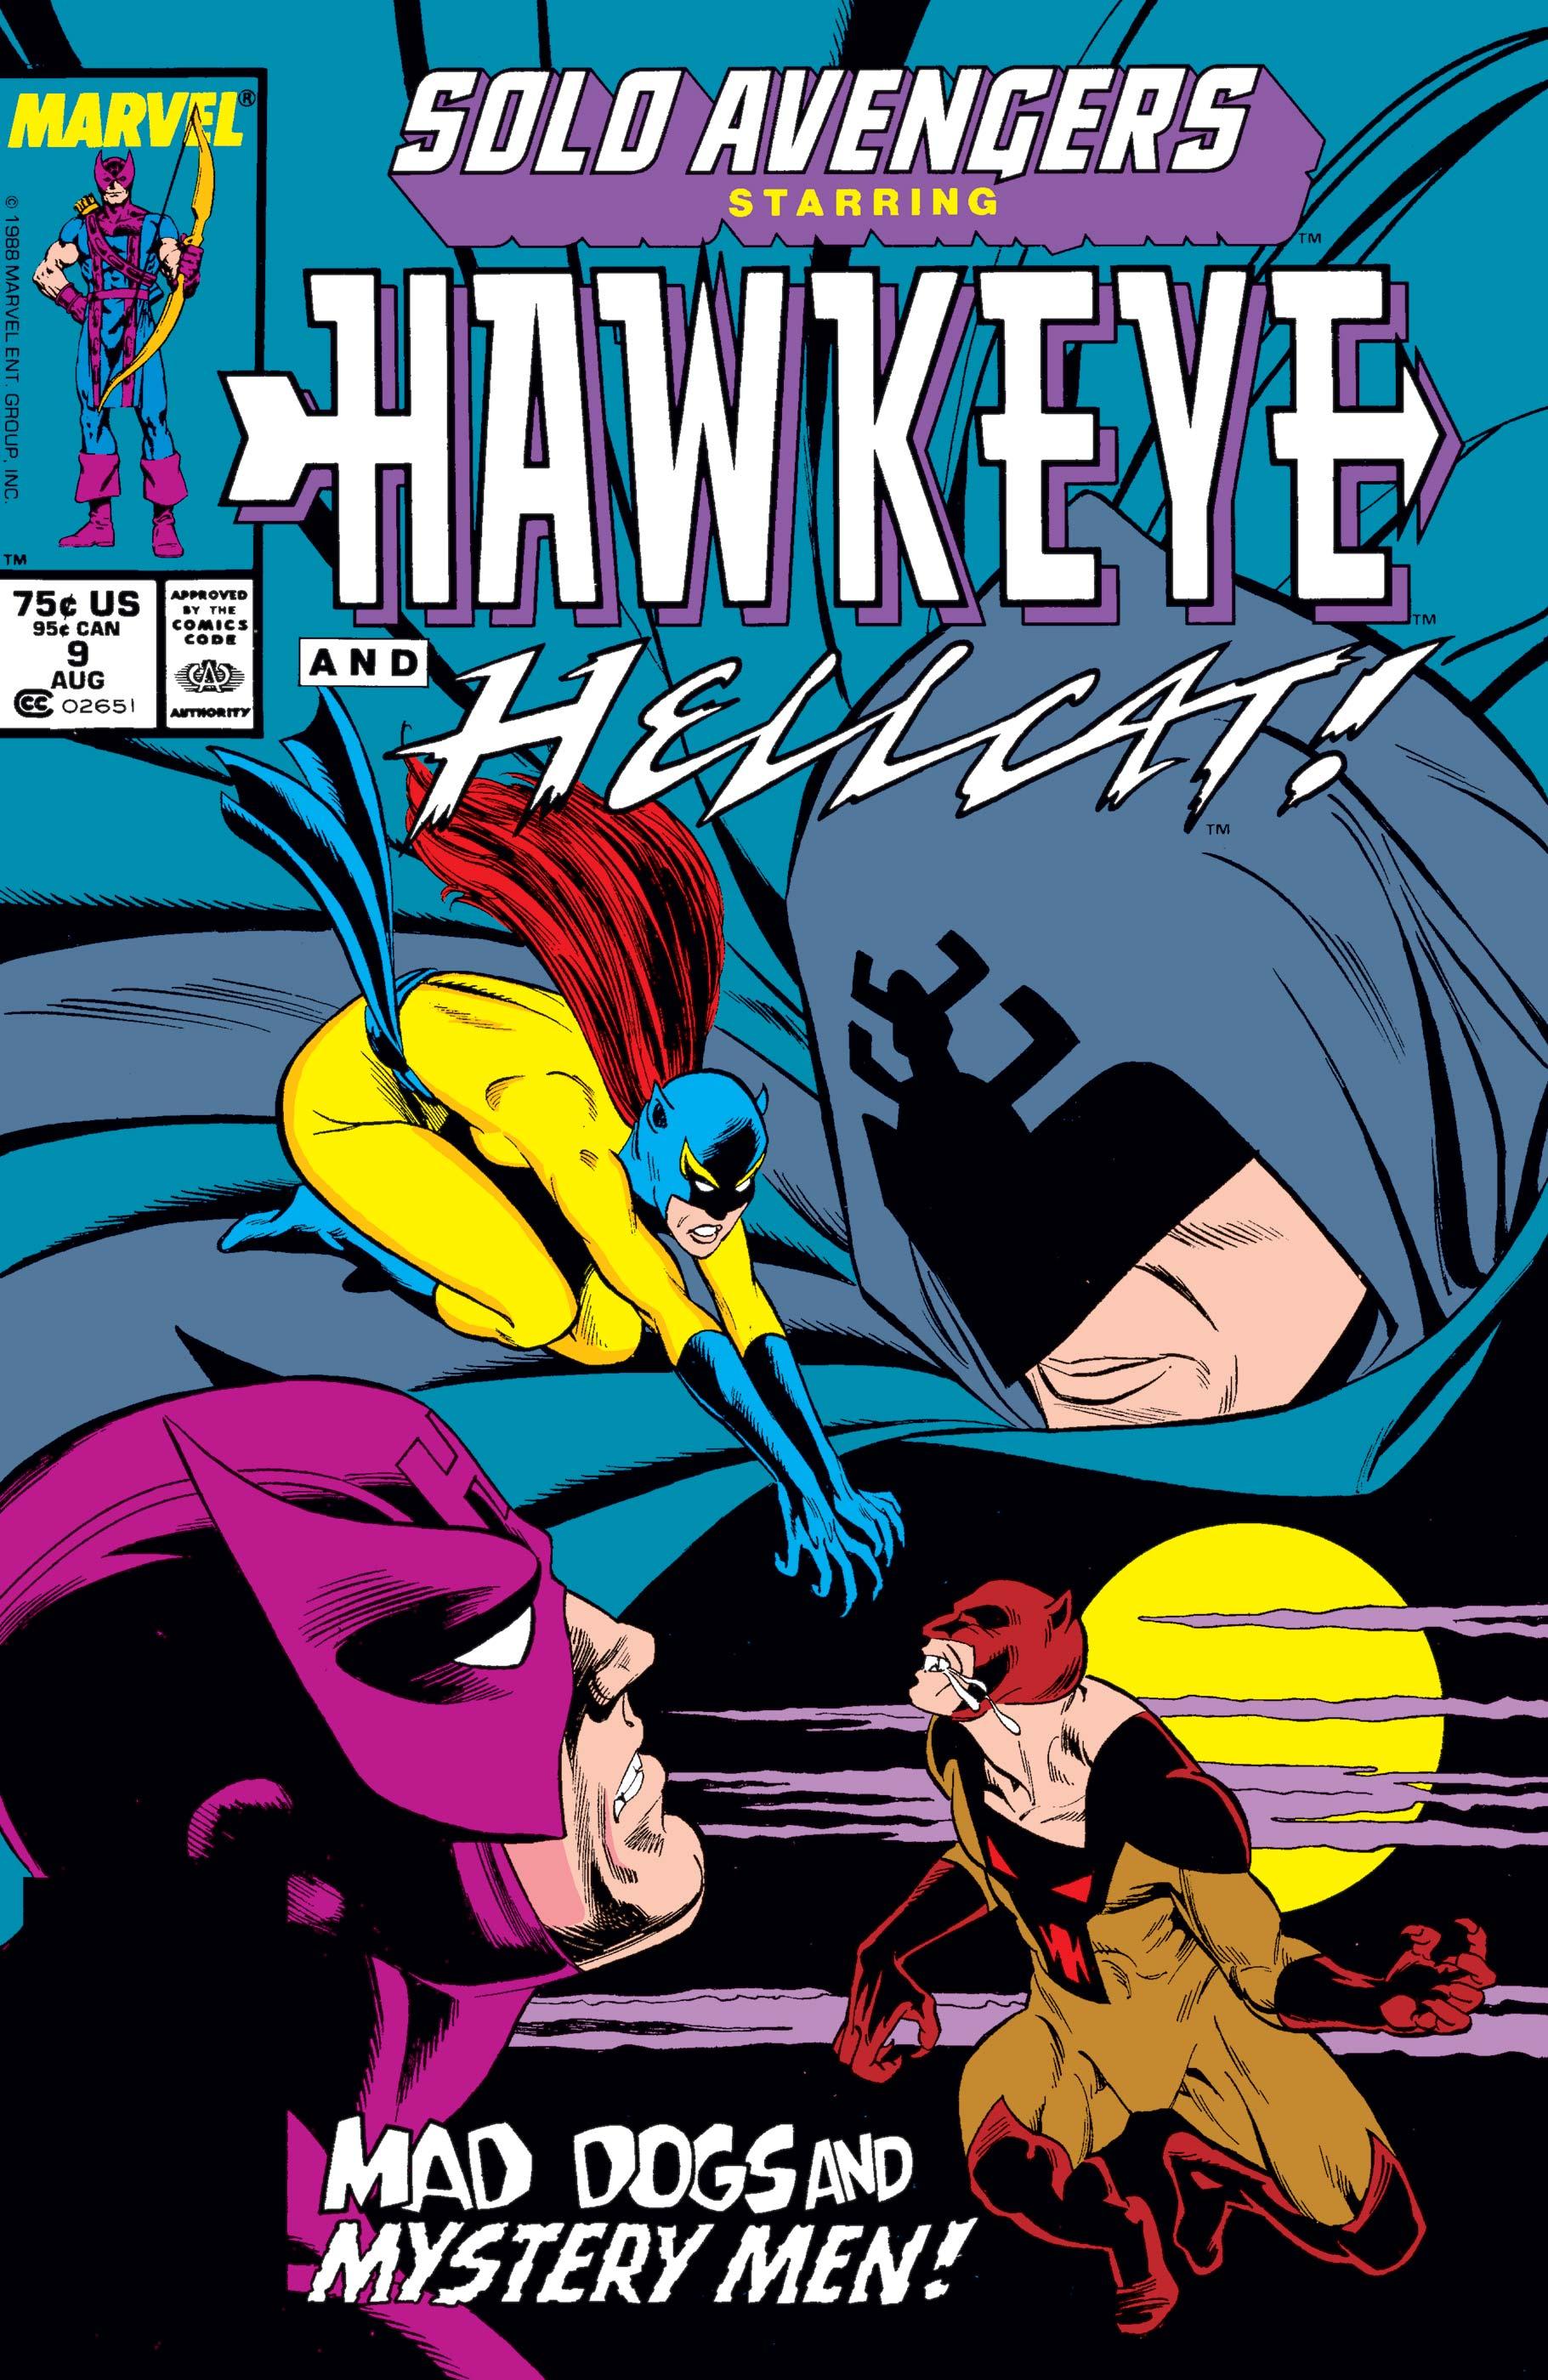 Solo Avengers (1987) #9